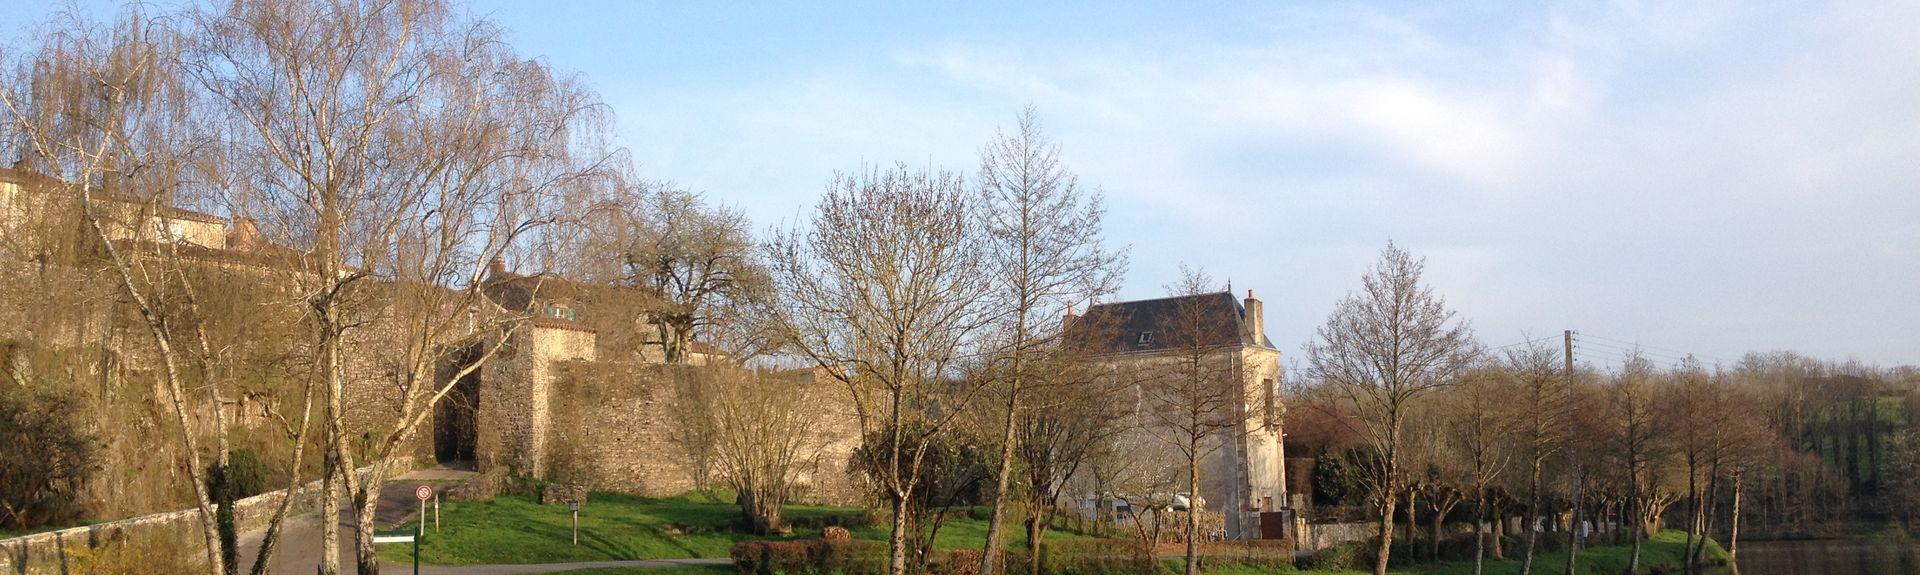 Nalliers Station, Nalliers, Pays de la Loire, France